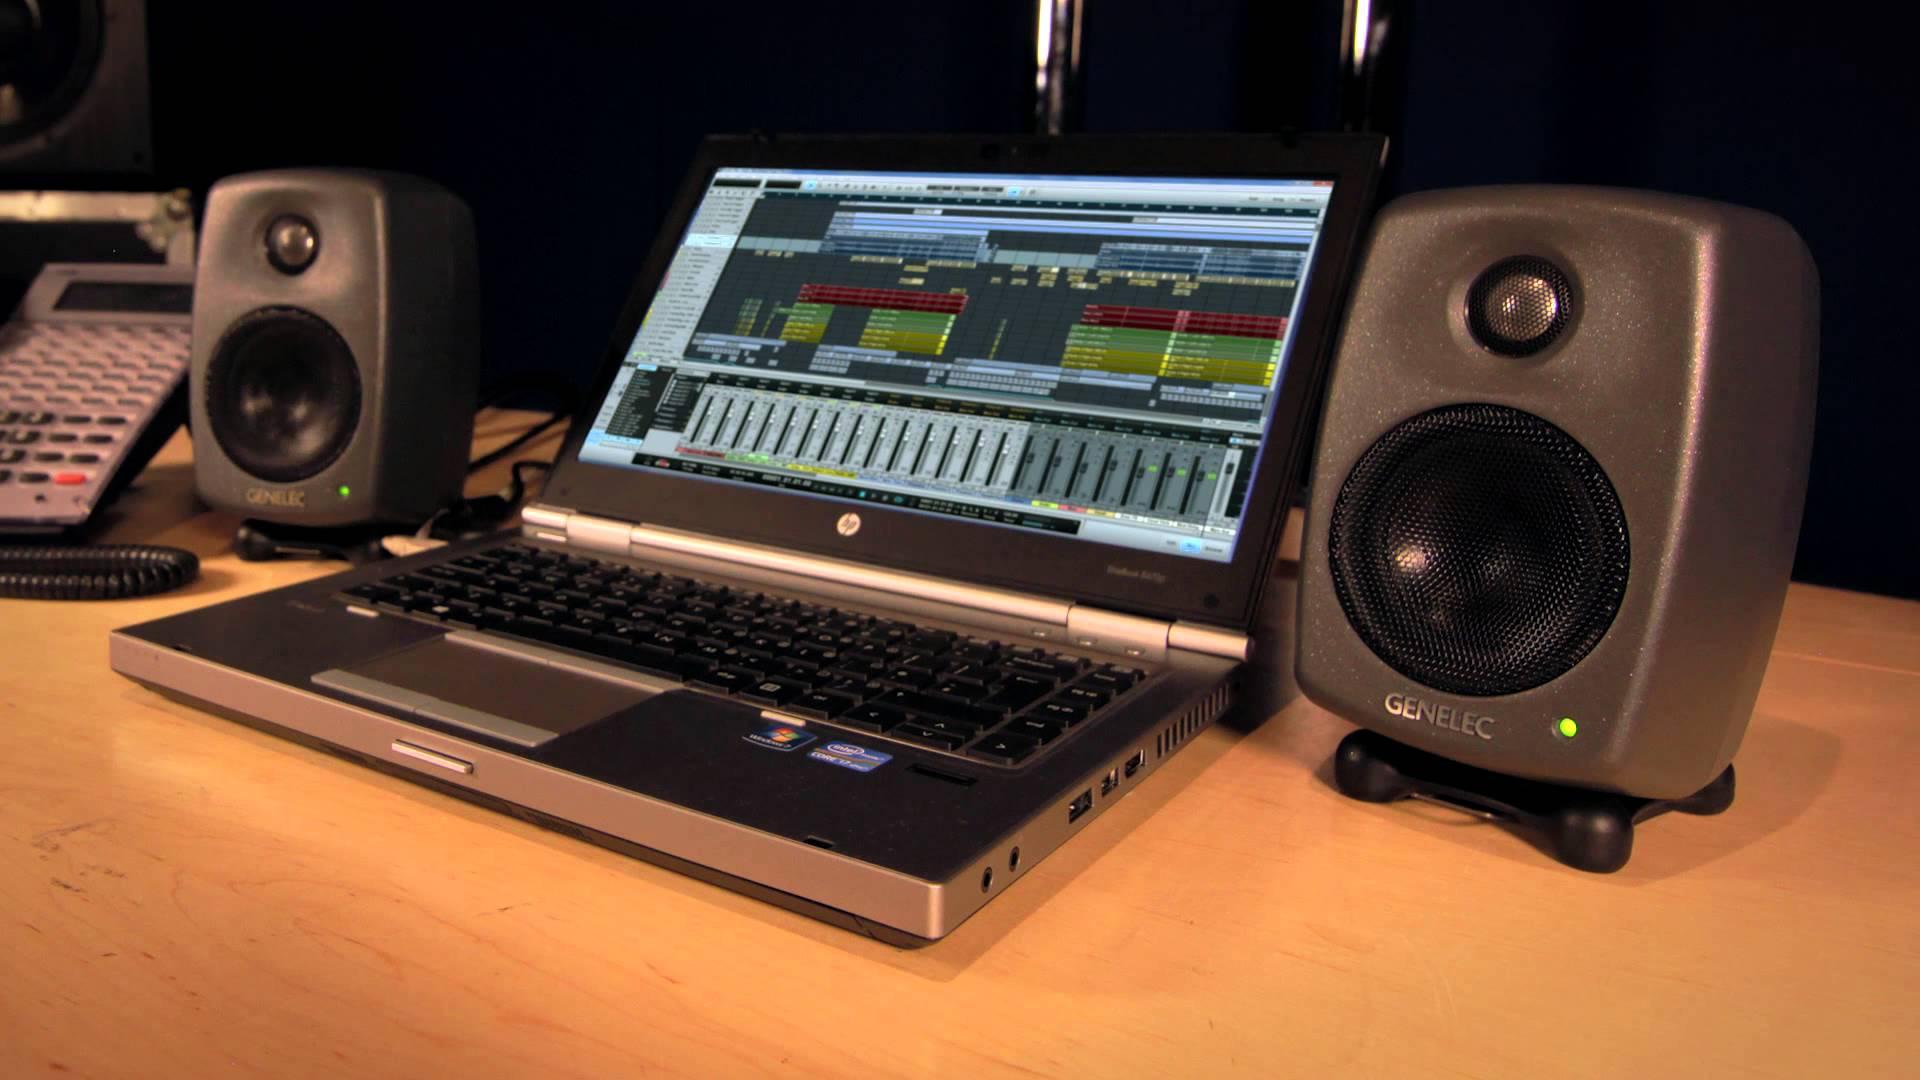 Genelec-8010A monitors